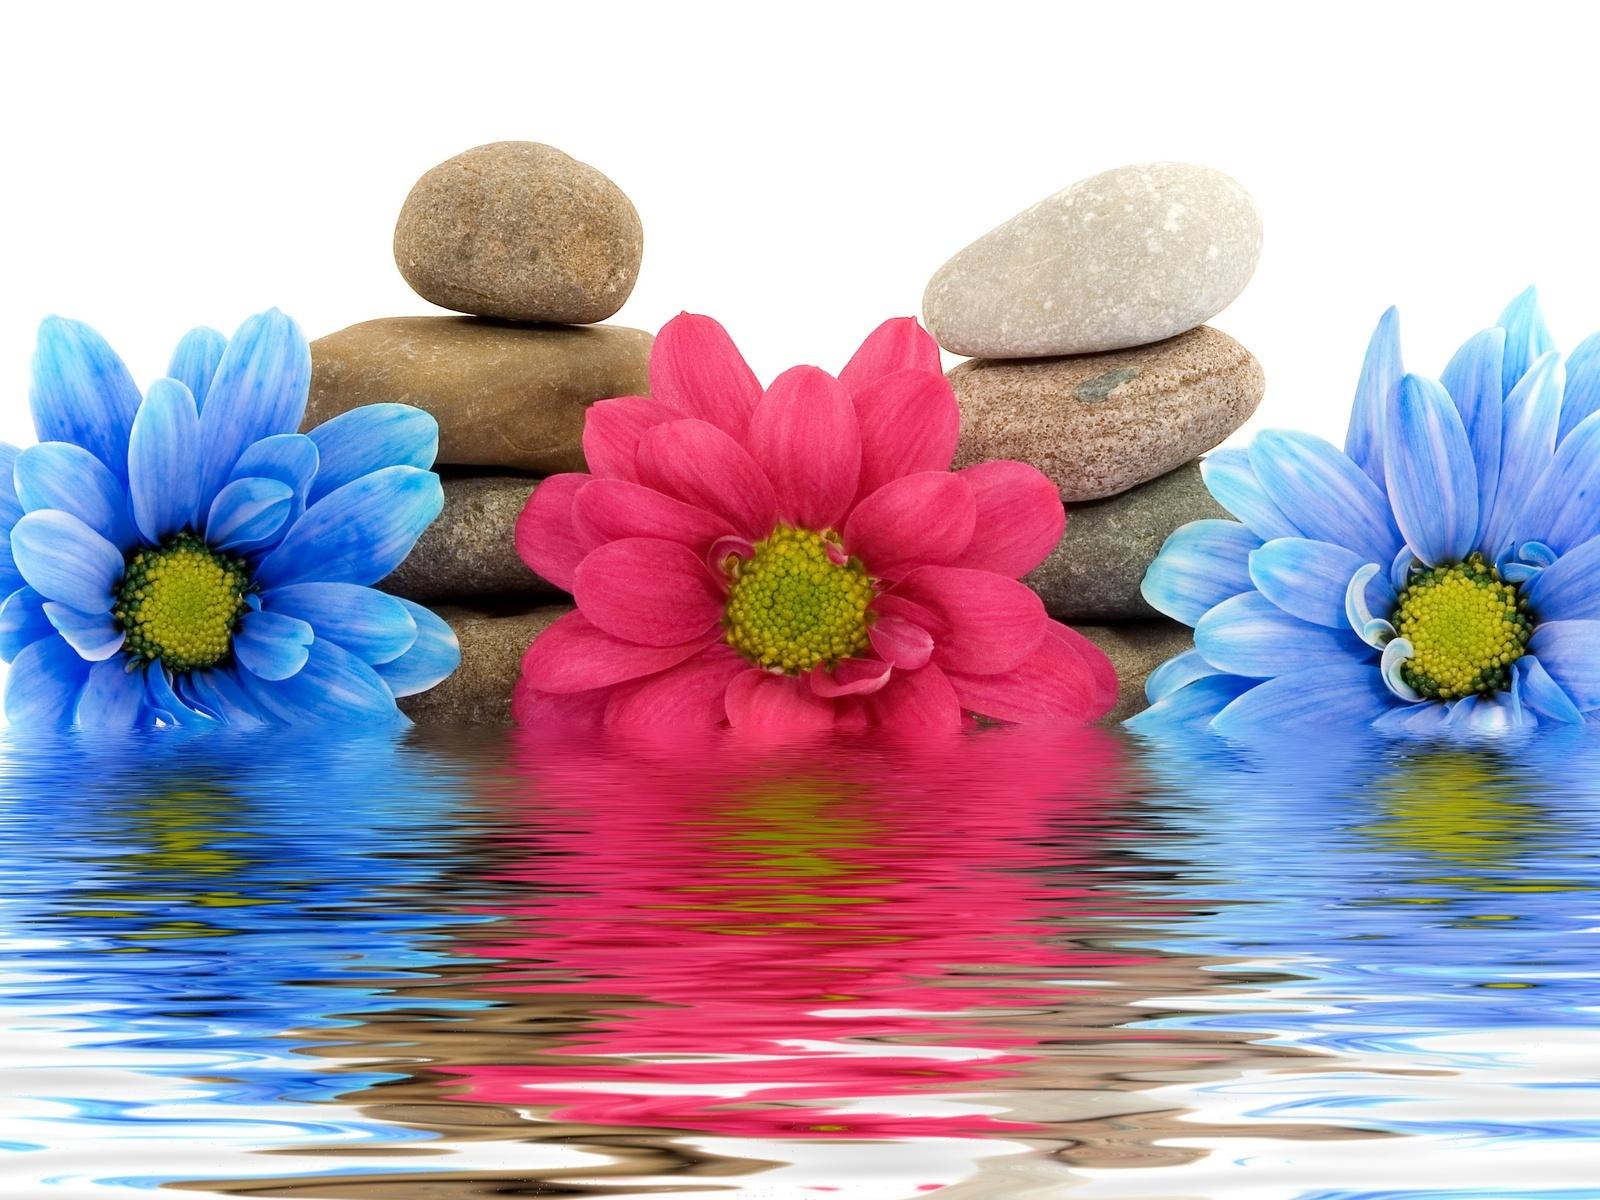 обои на раб стол цветы вода № 635546 загрузить